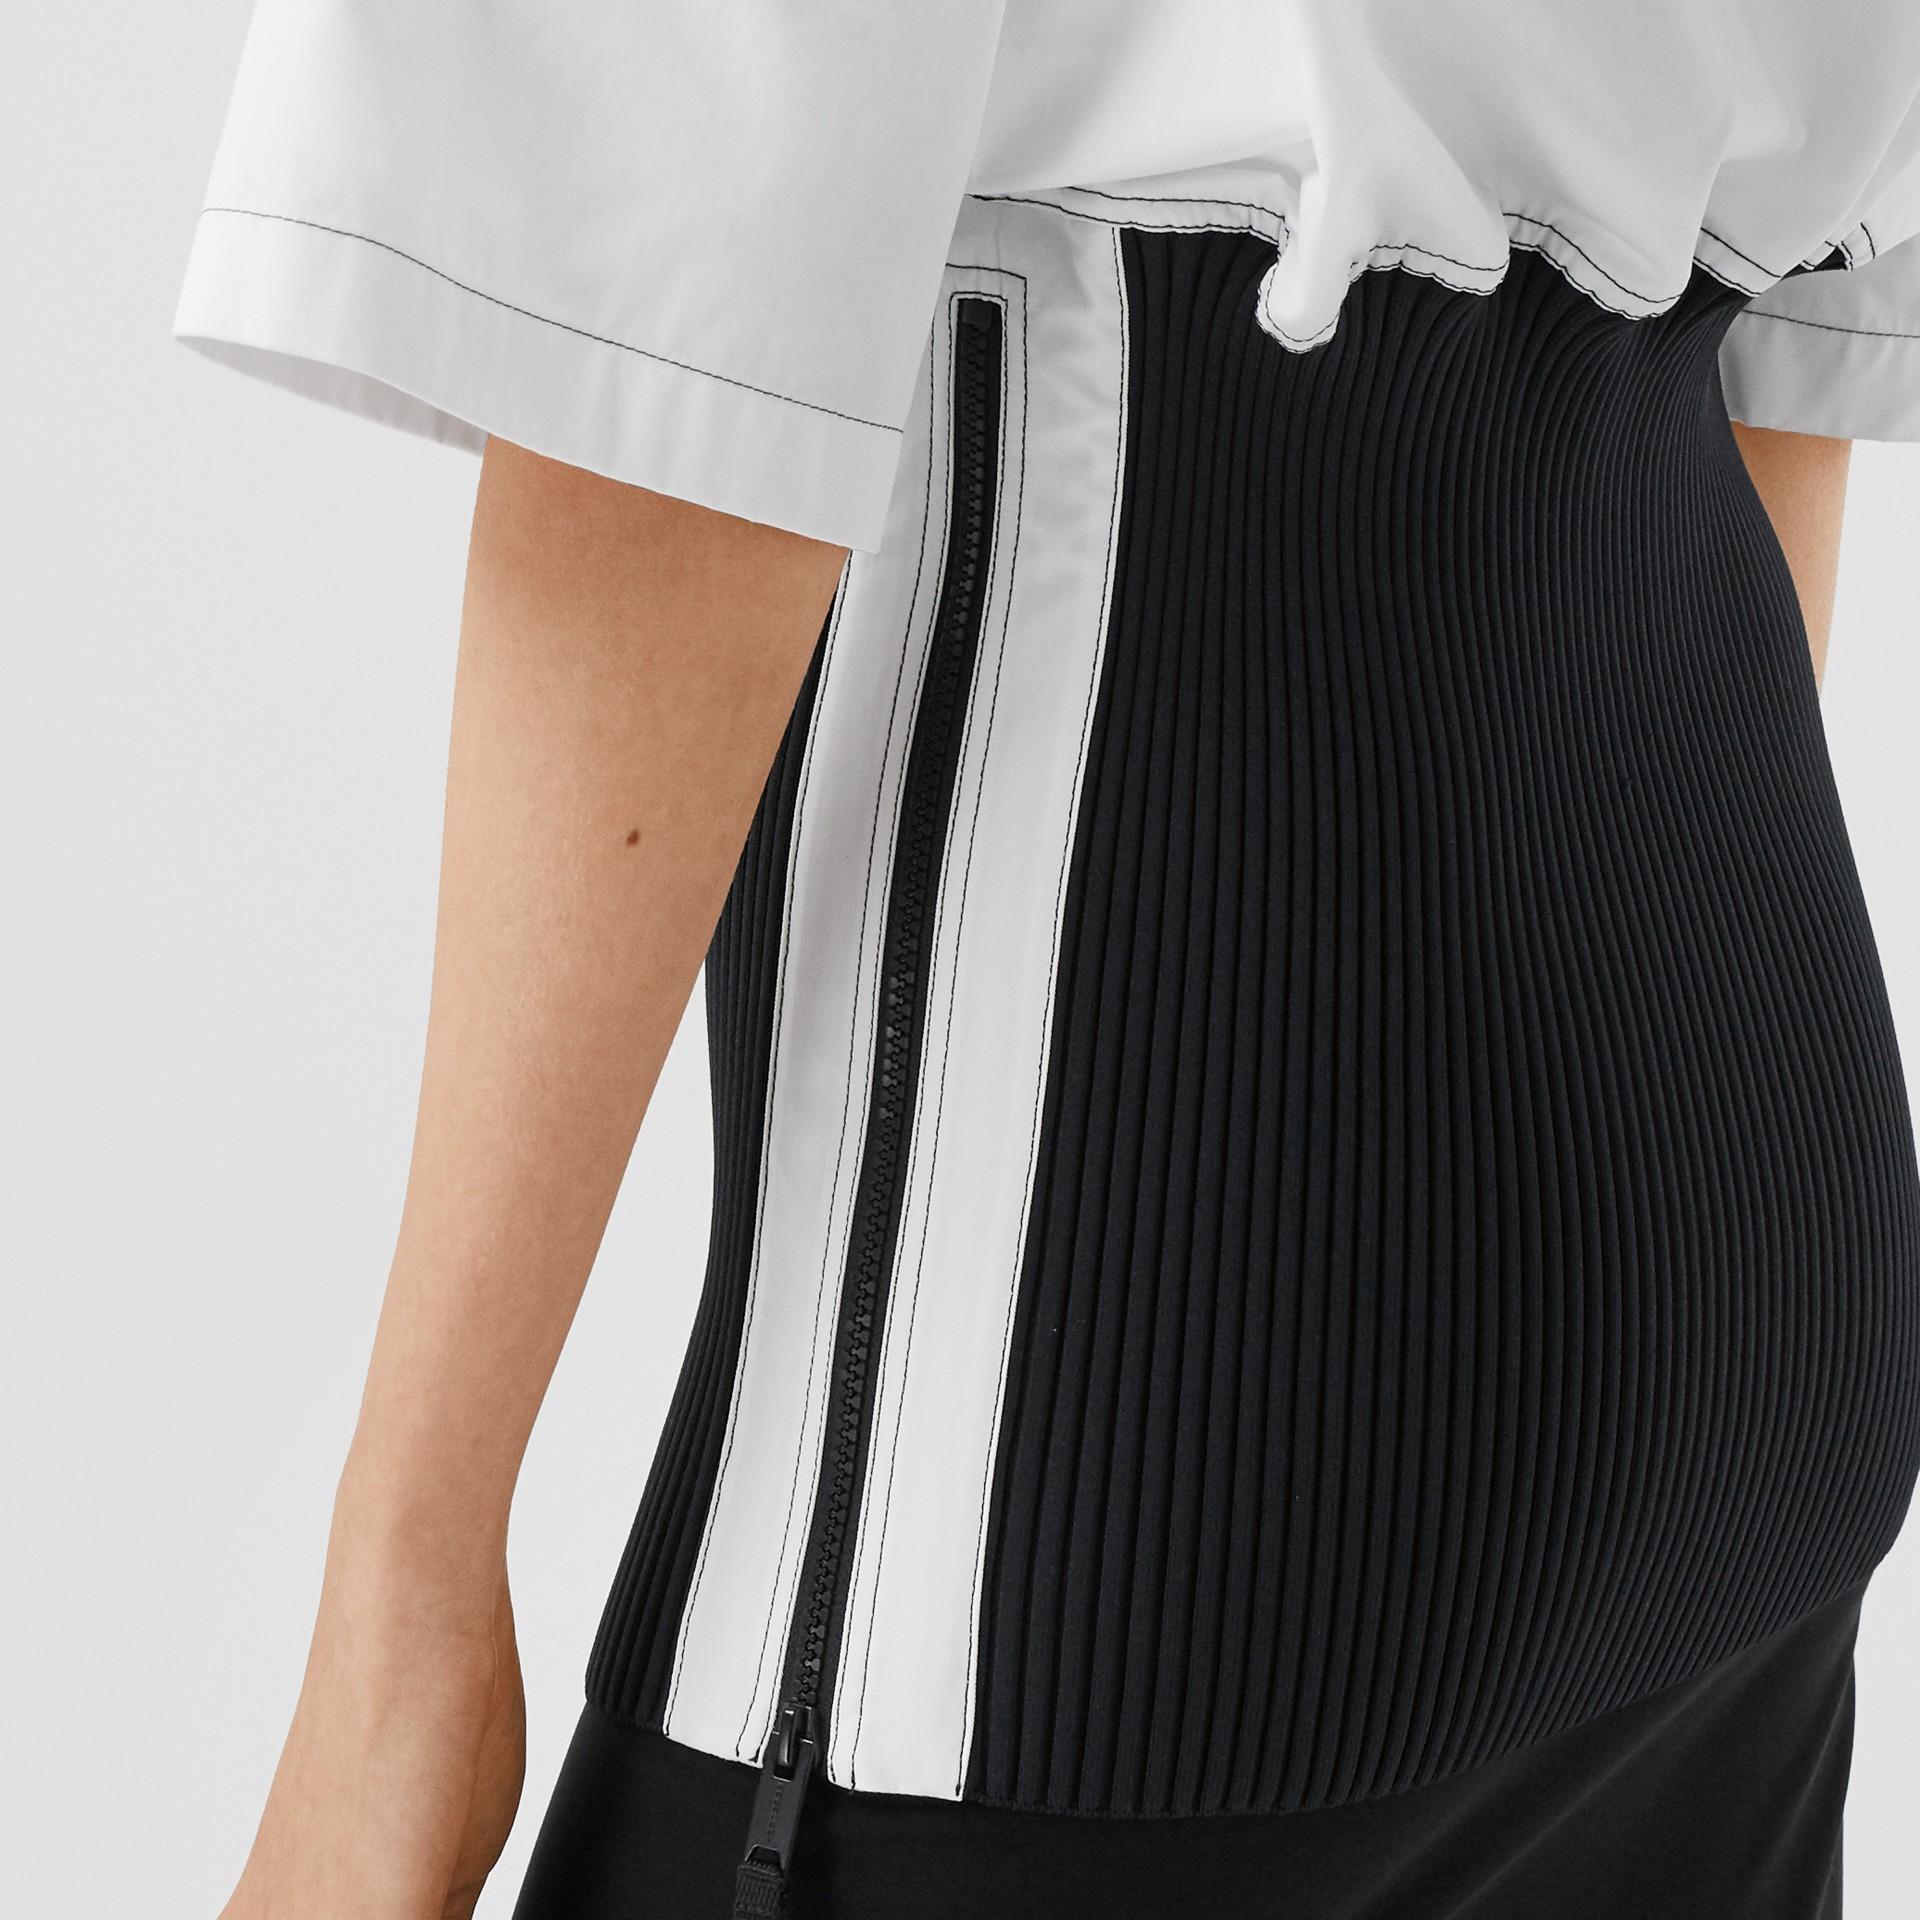 Объемная футболка с трикотажной отделкой (Оптический Белый) - Для женщин | Burberry - изображение 5